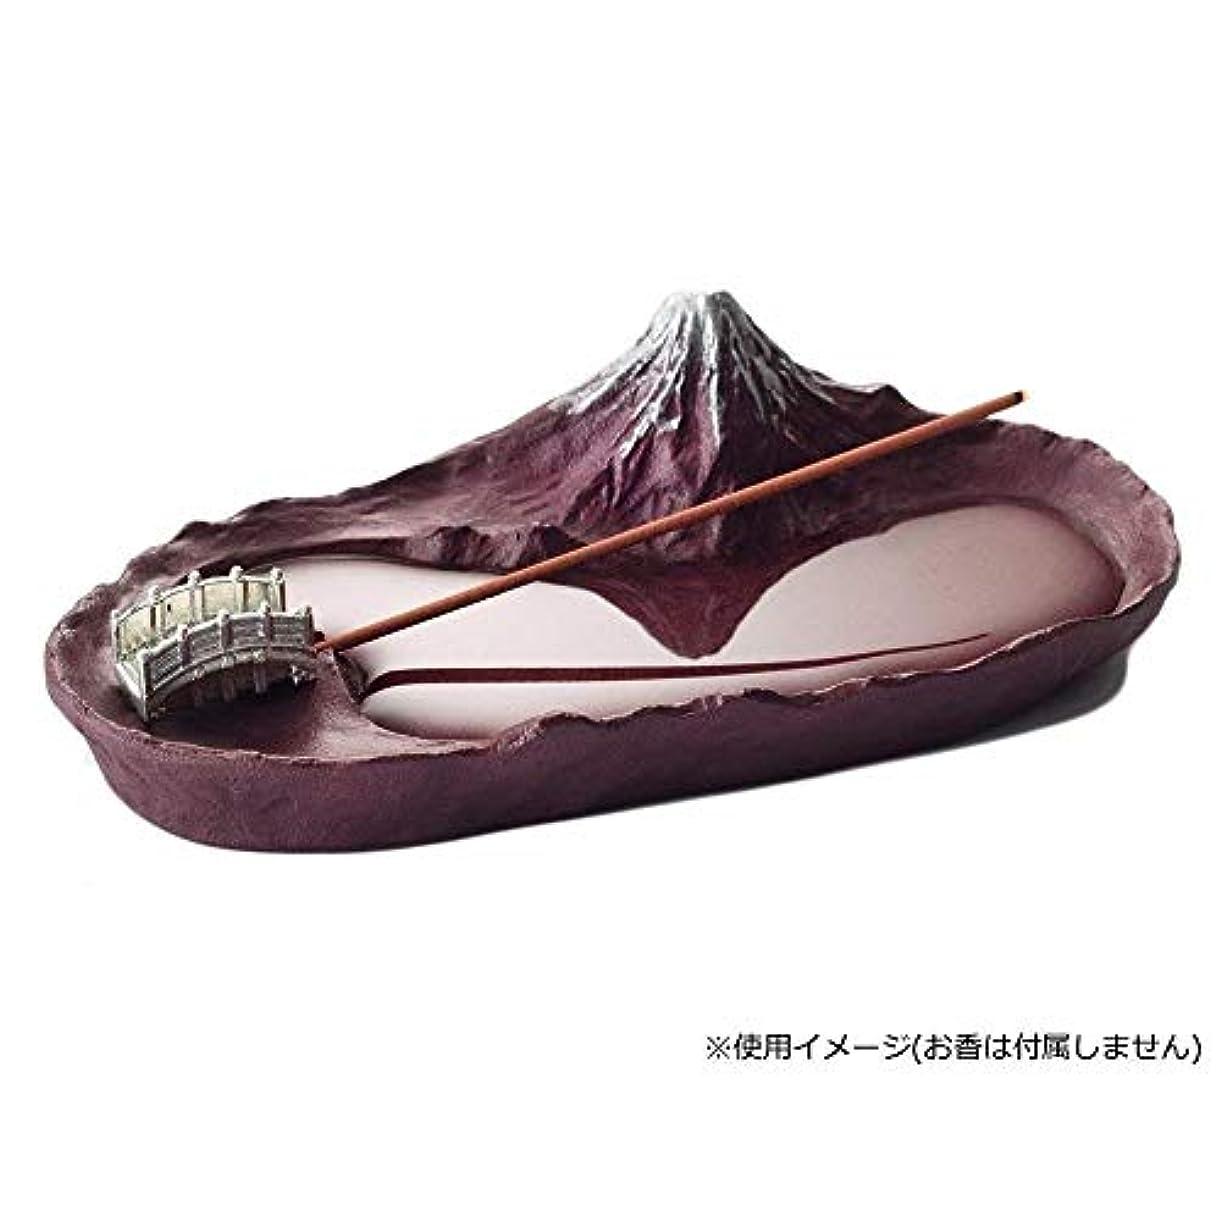 セットするパラメータスパイラルインセンスホルダー 香立て さかさ富士 赤富士